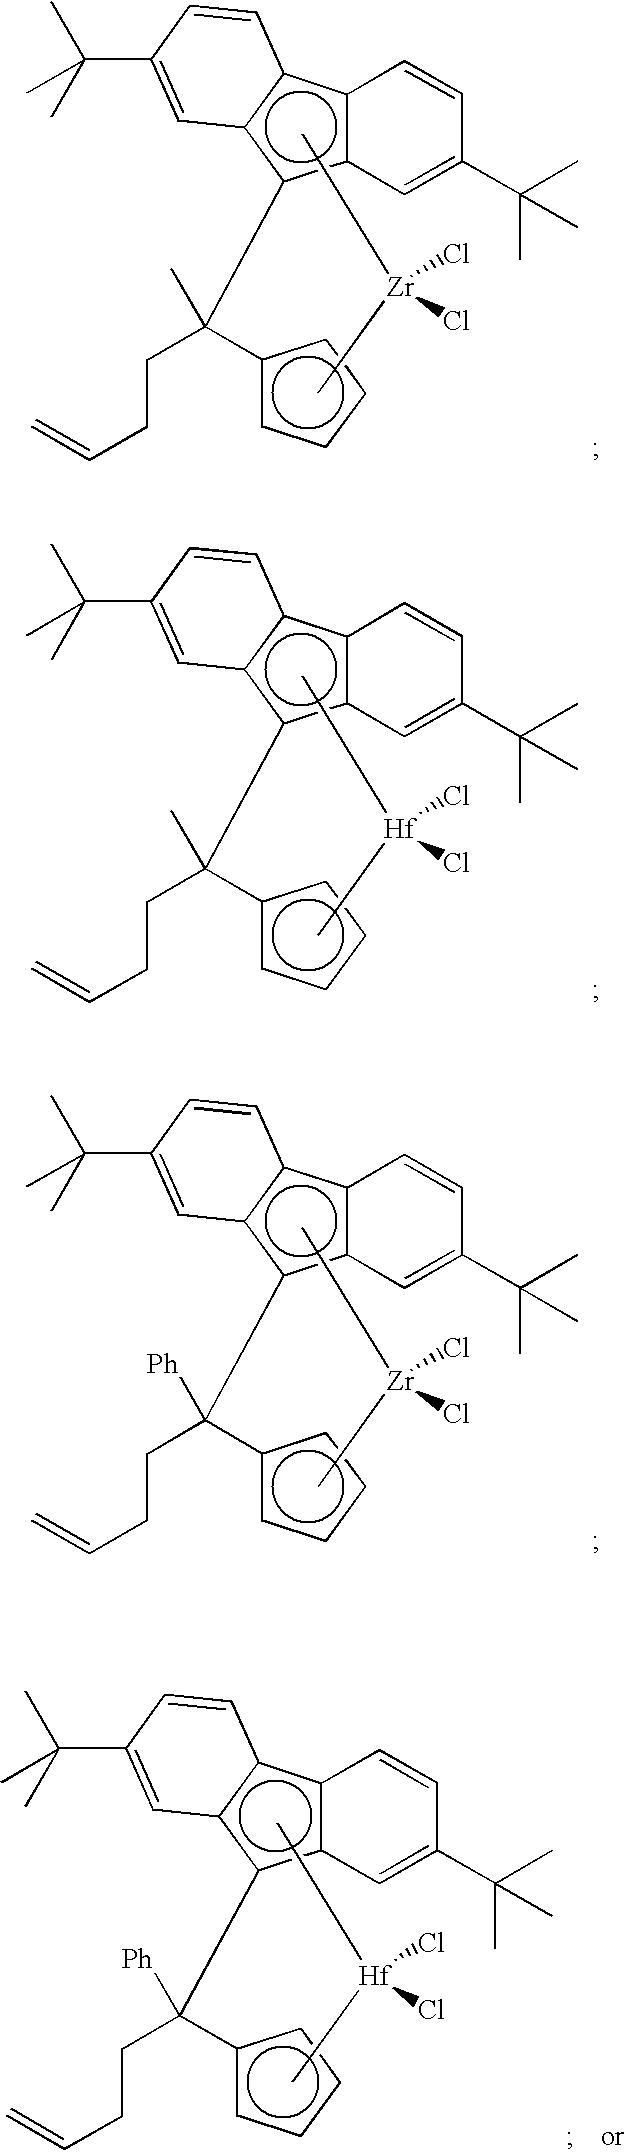 Figure US07226886-20070605-C00012